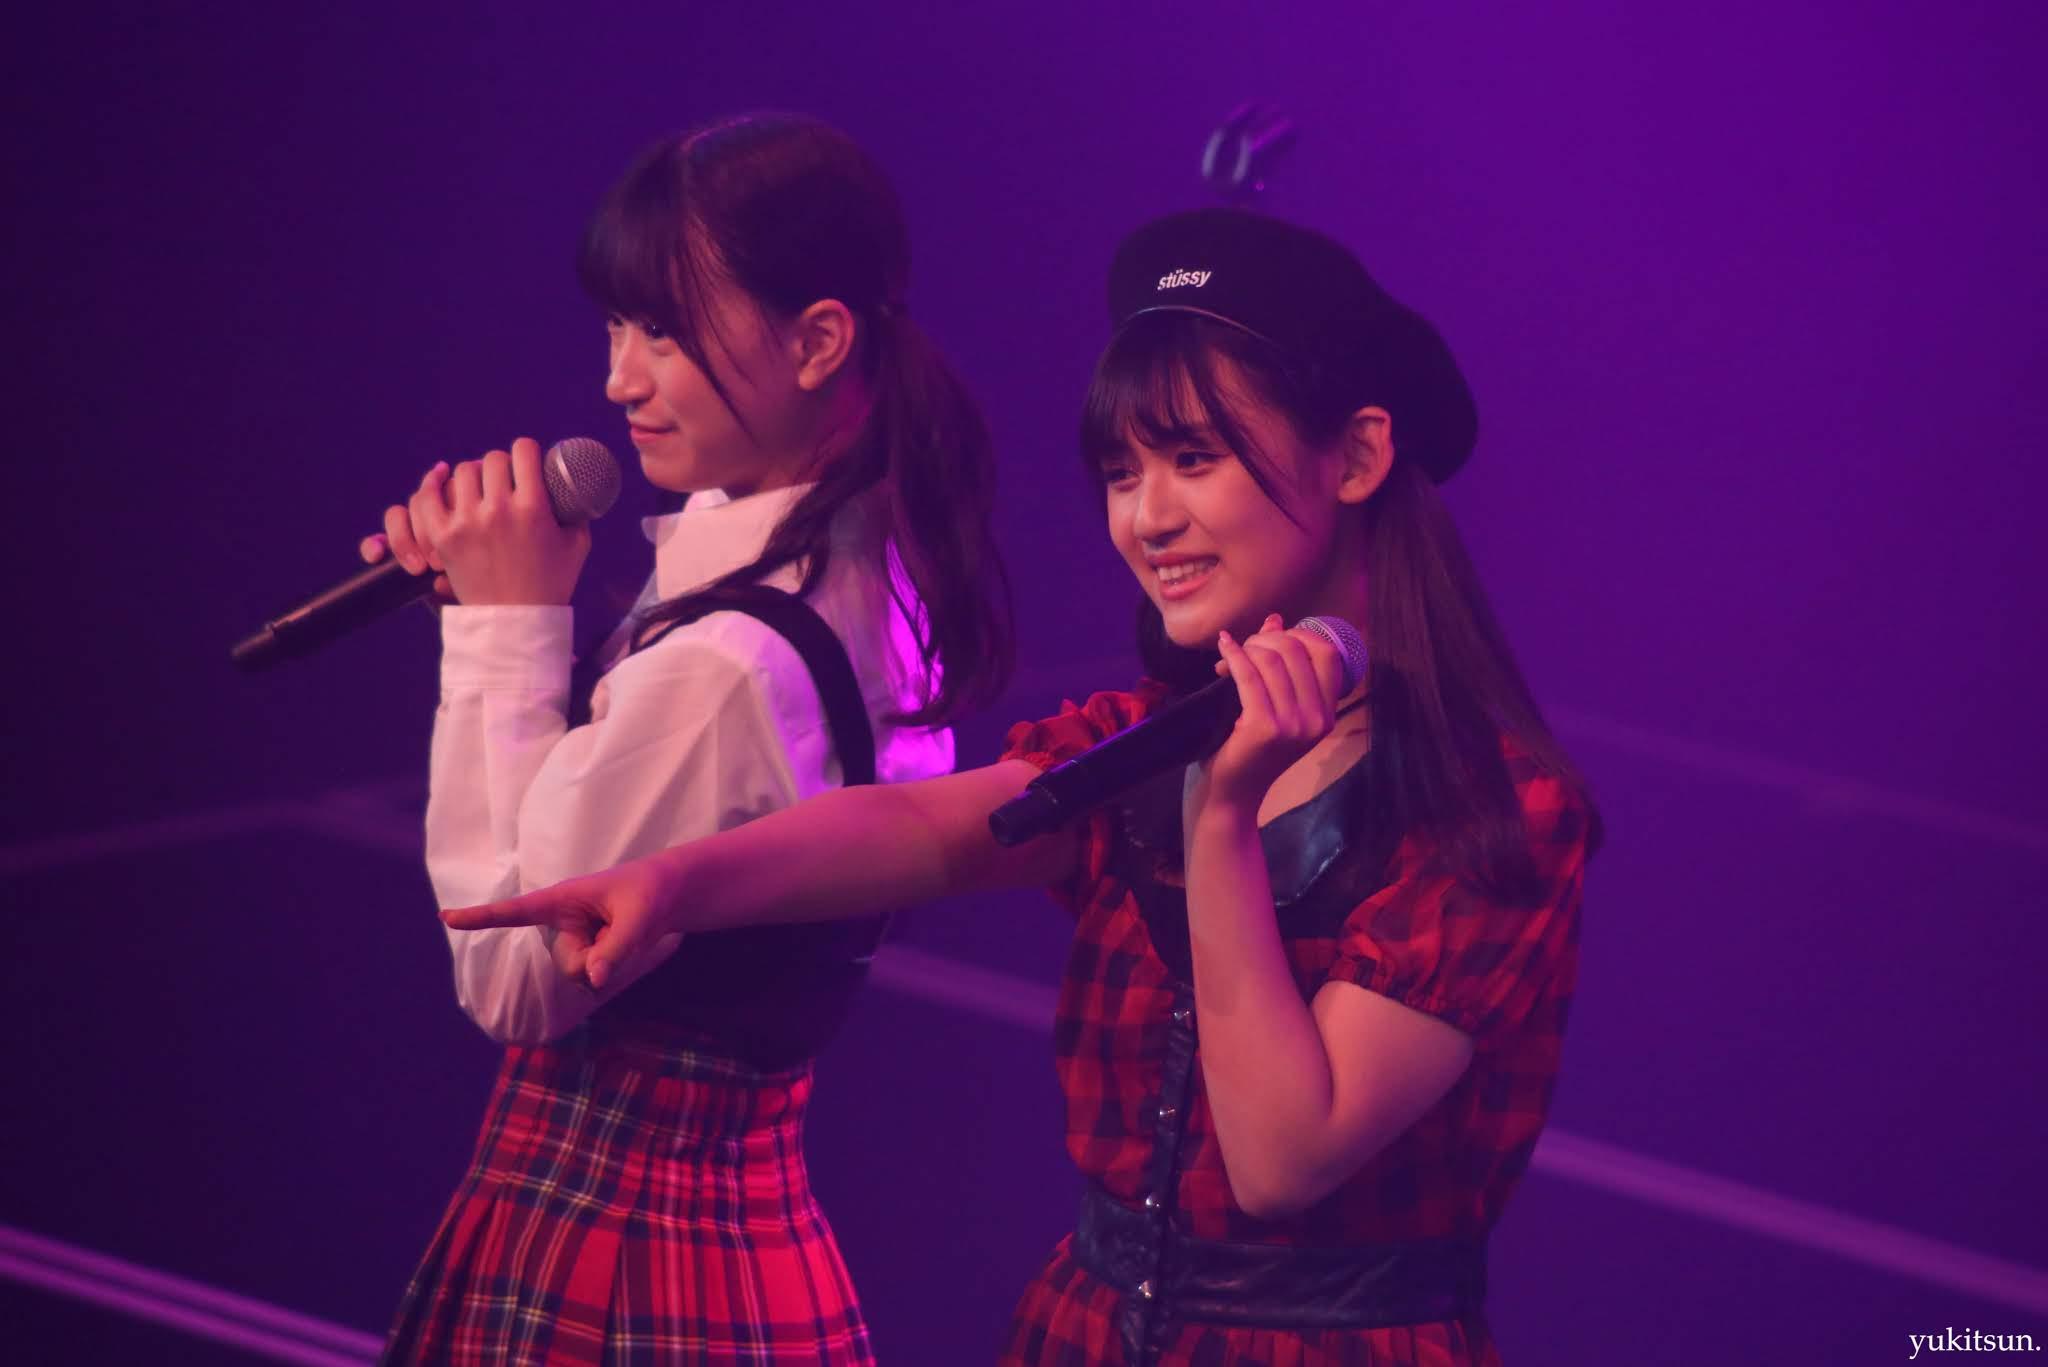 shinjidai-66